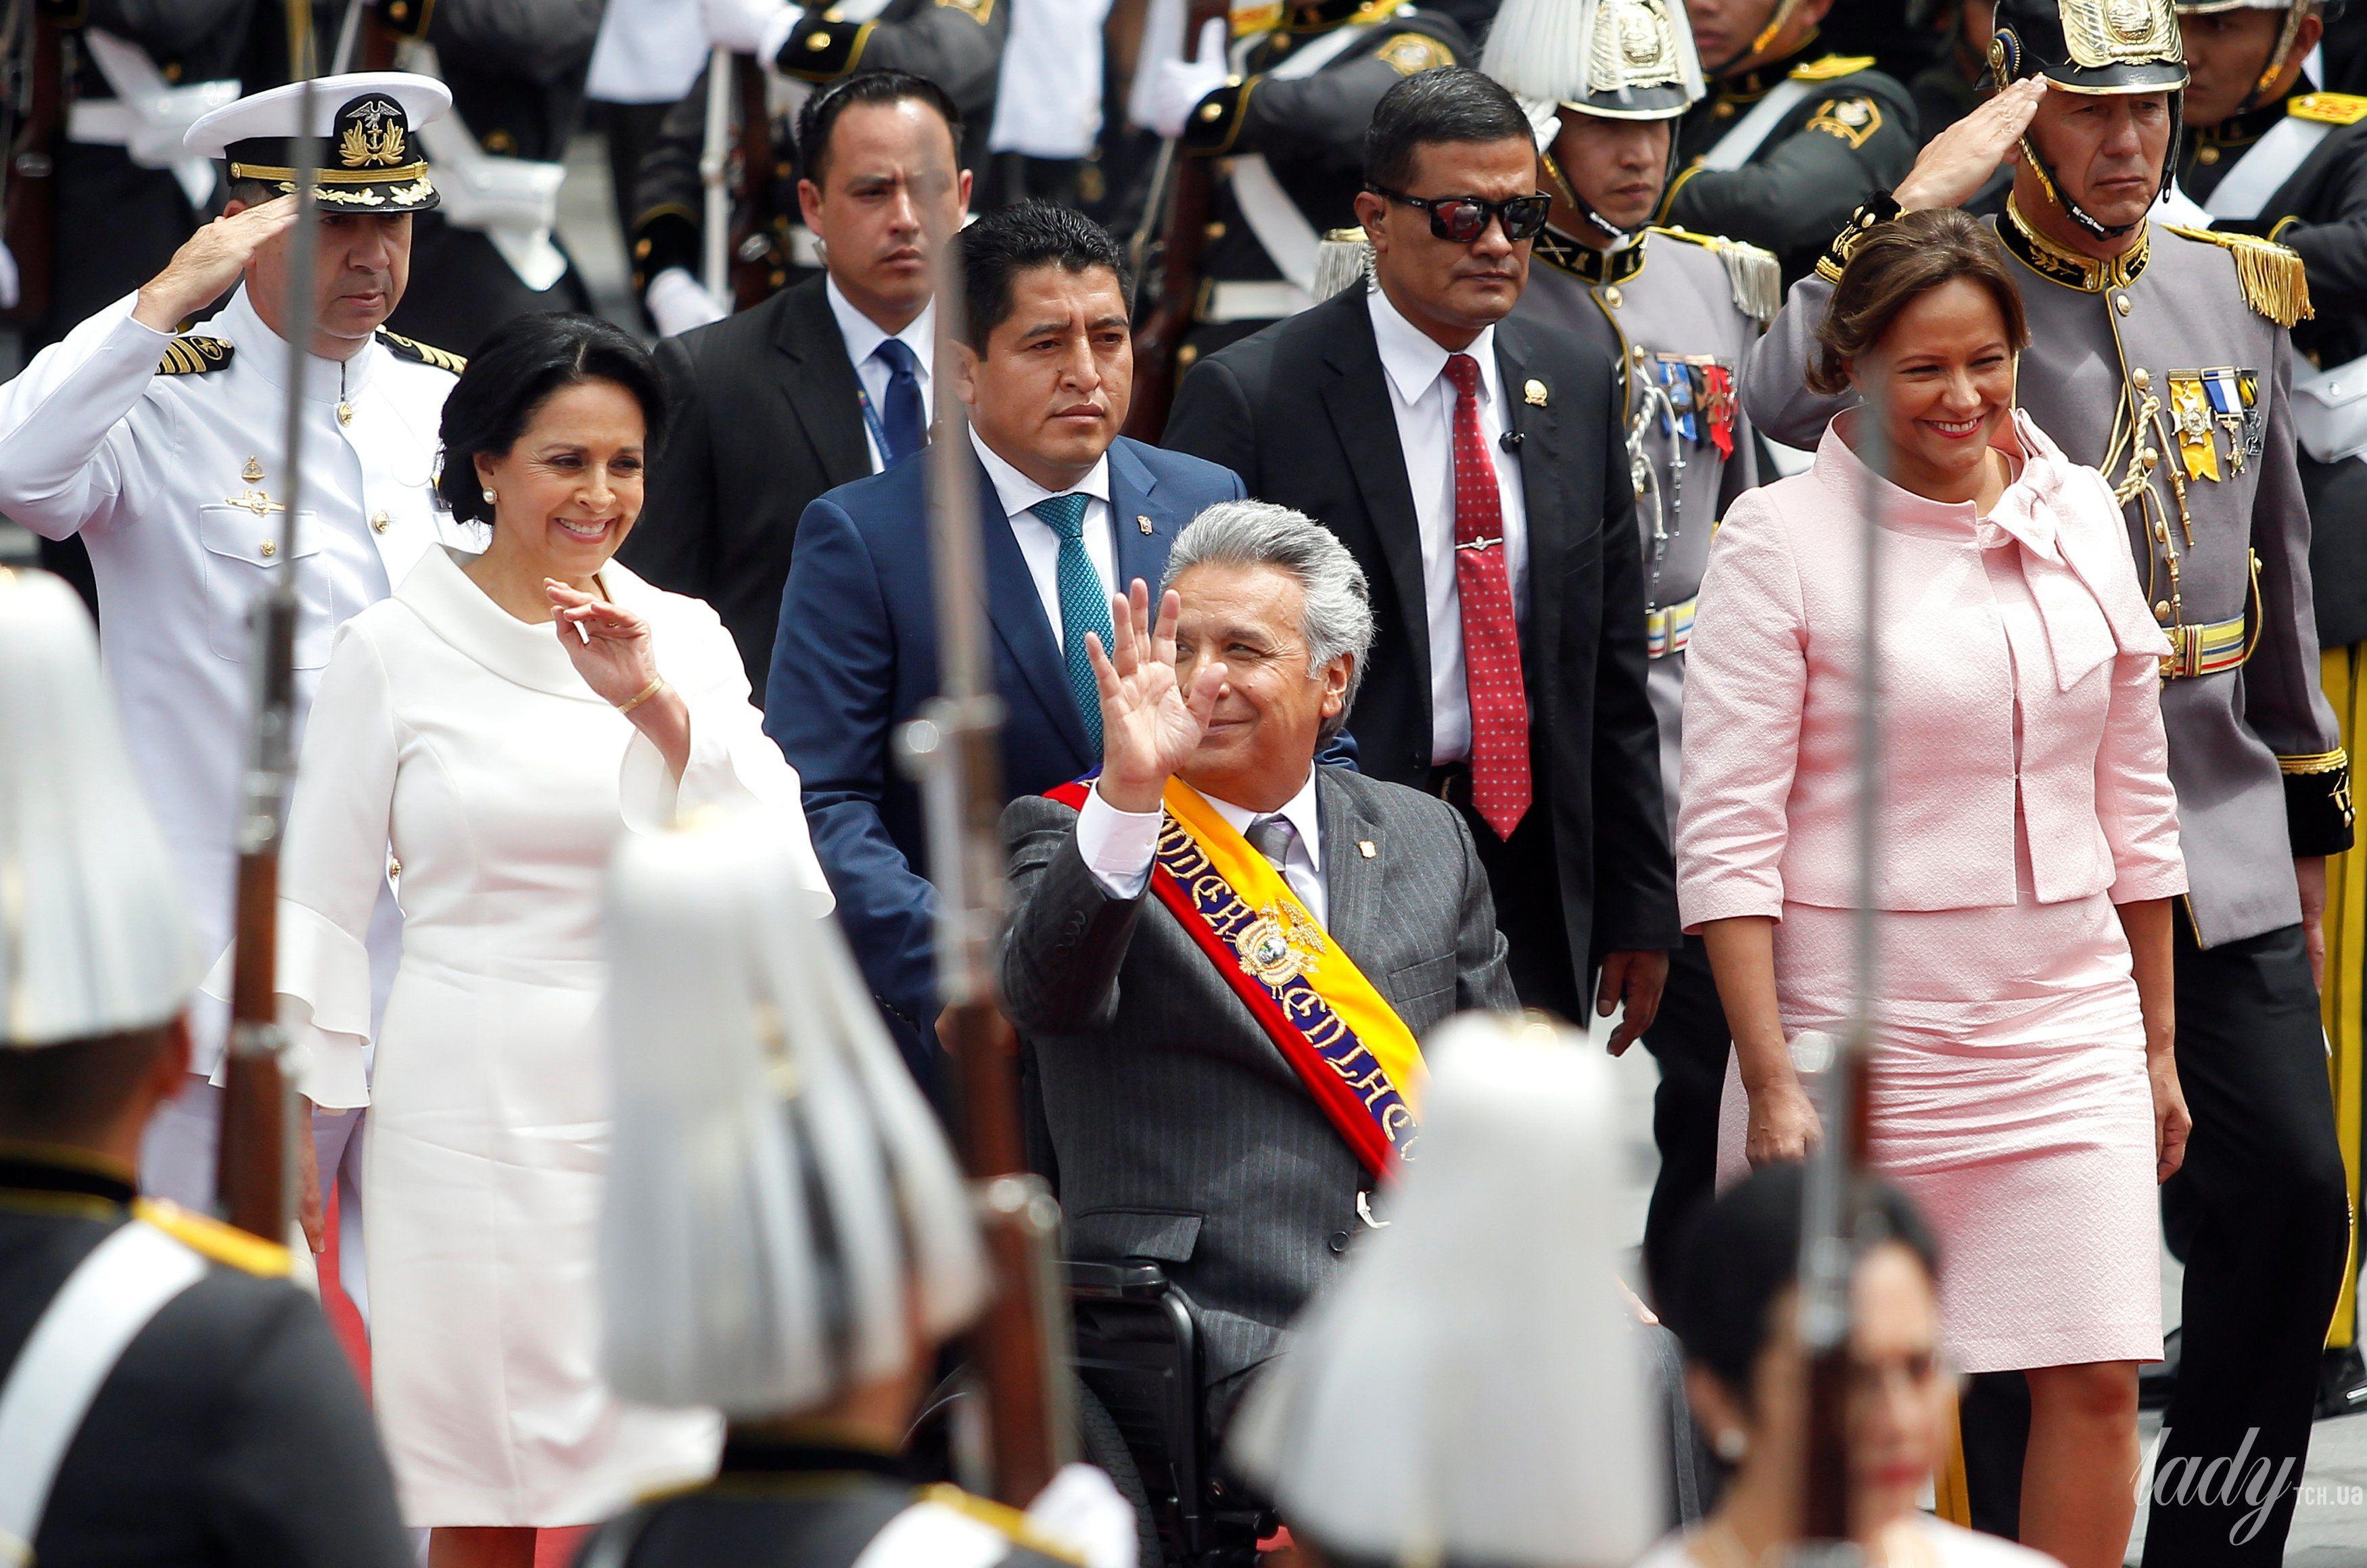 Президент Эквадора Ленин Морено первая леди Росия Гонсалес и президента Национального собрания Элизабет Кабезас_6